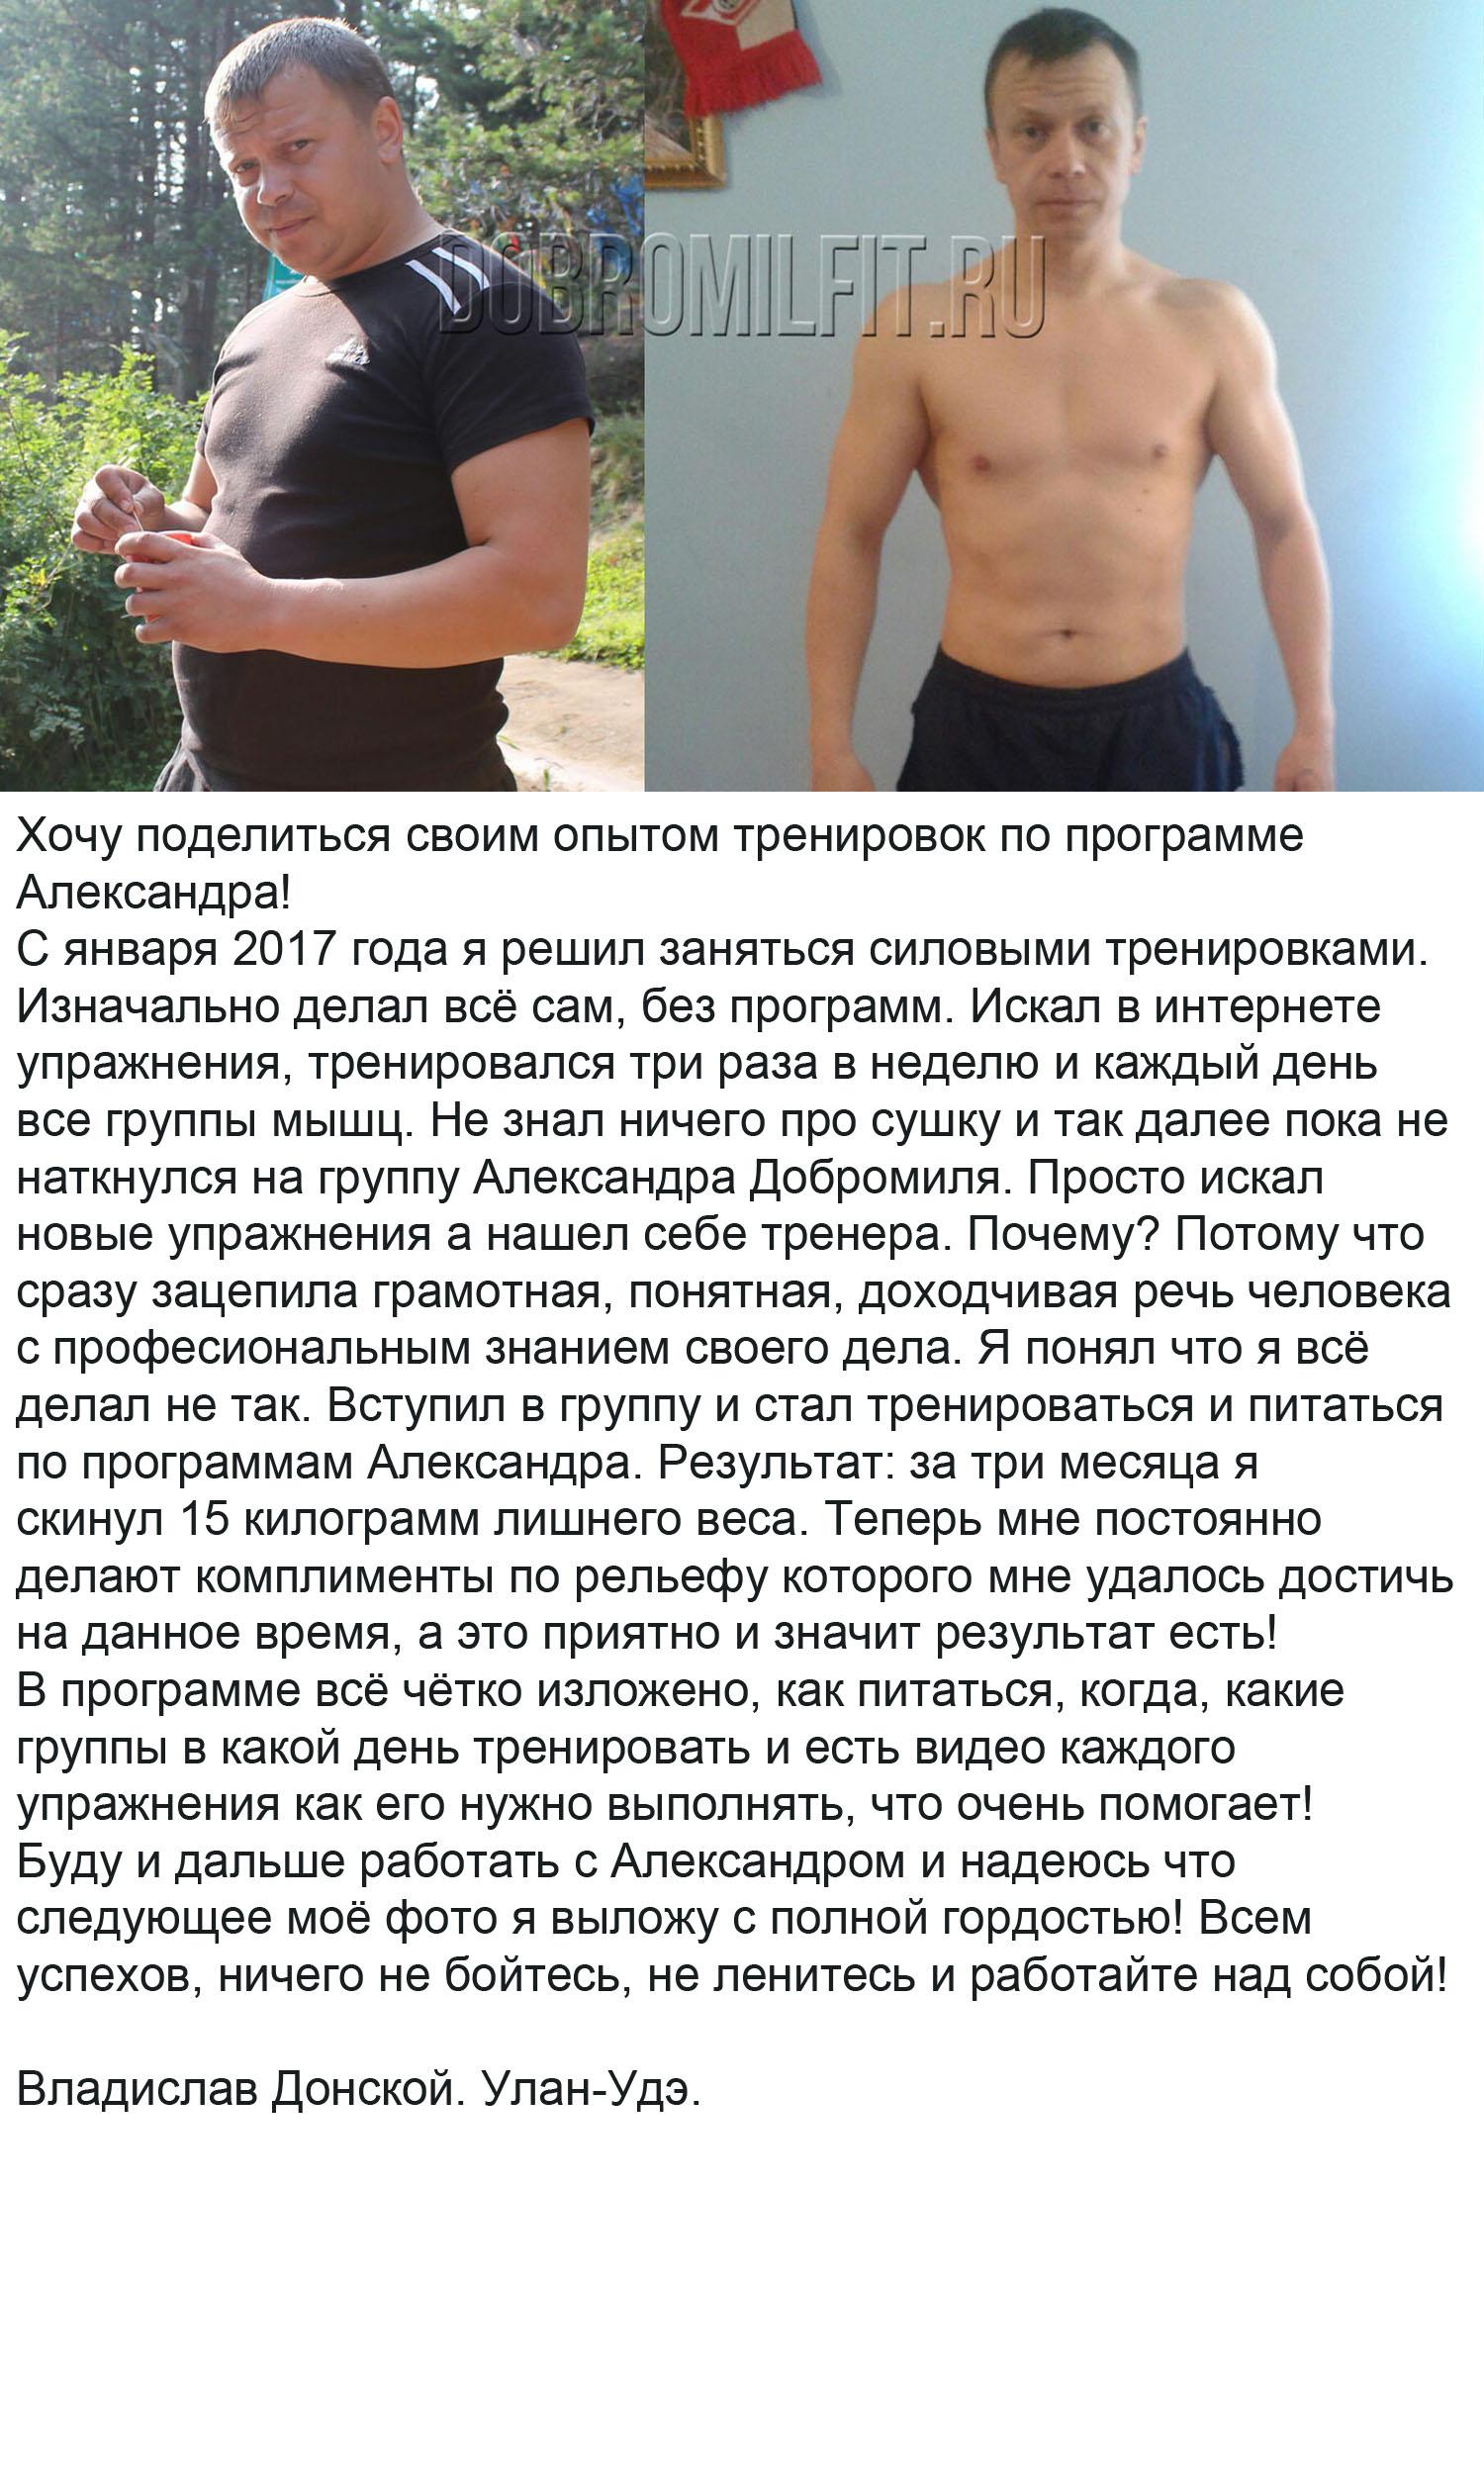 Влад Донской